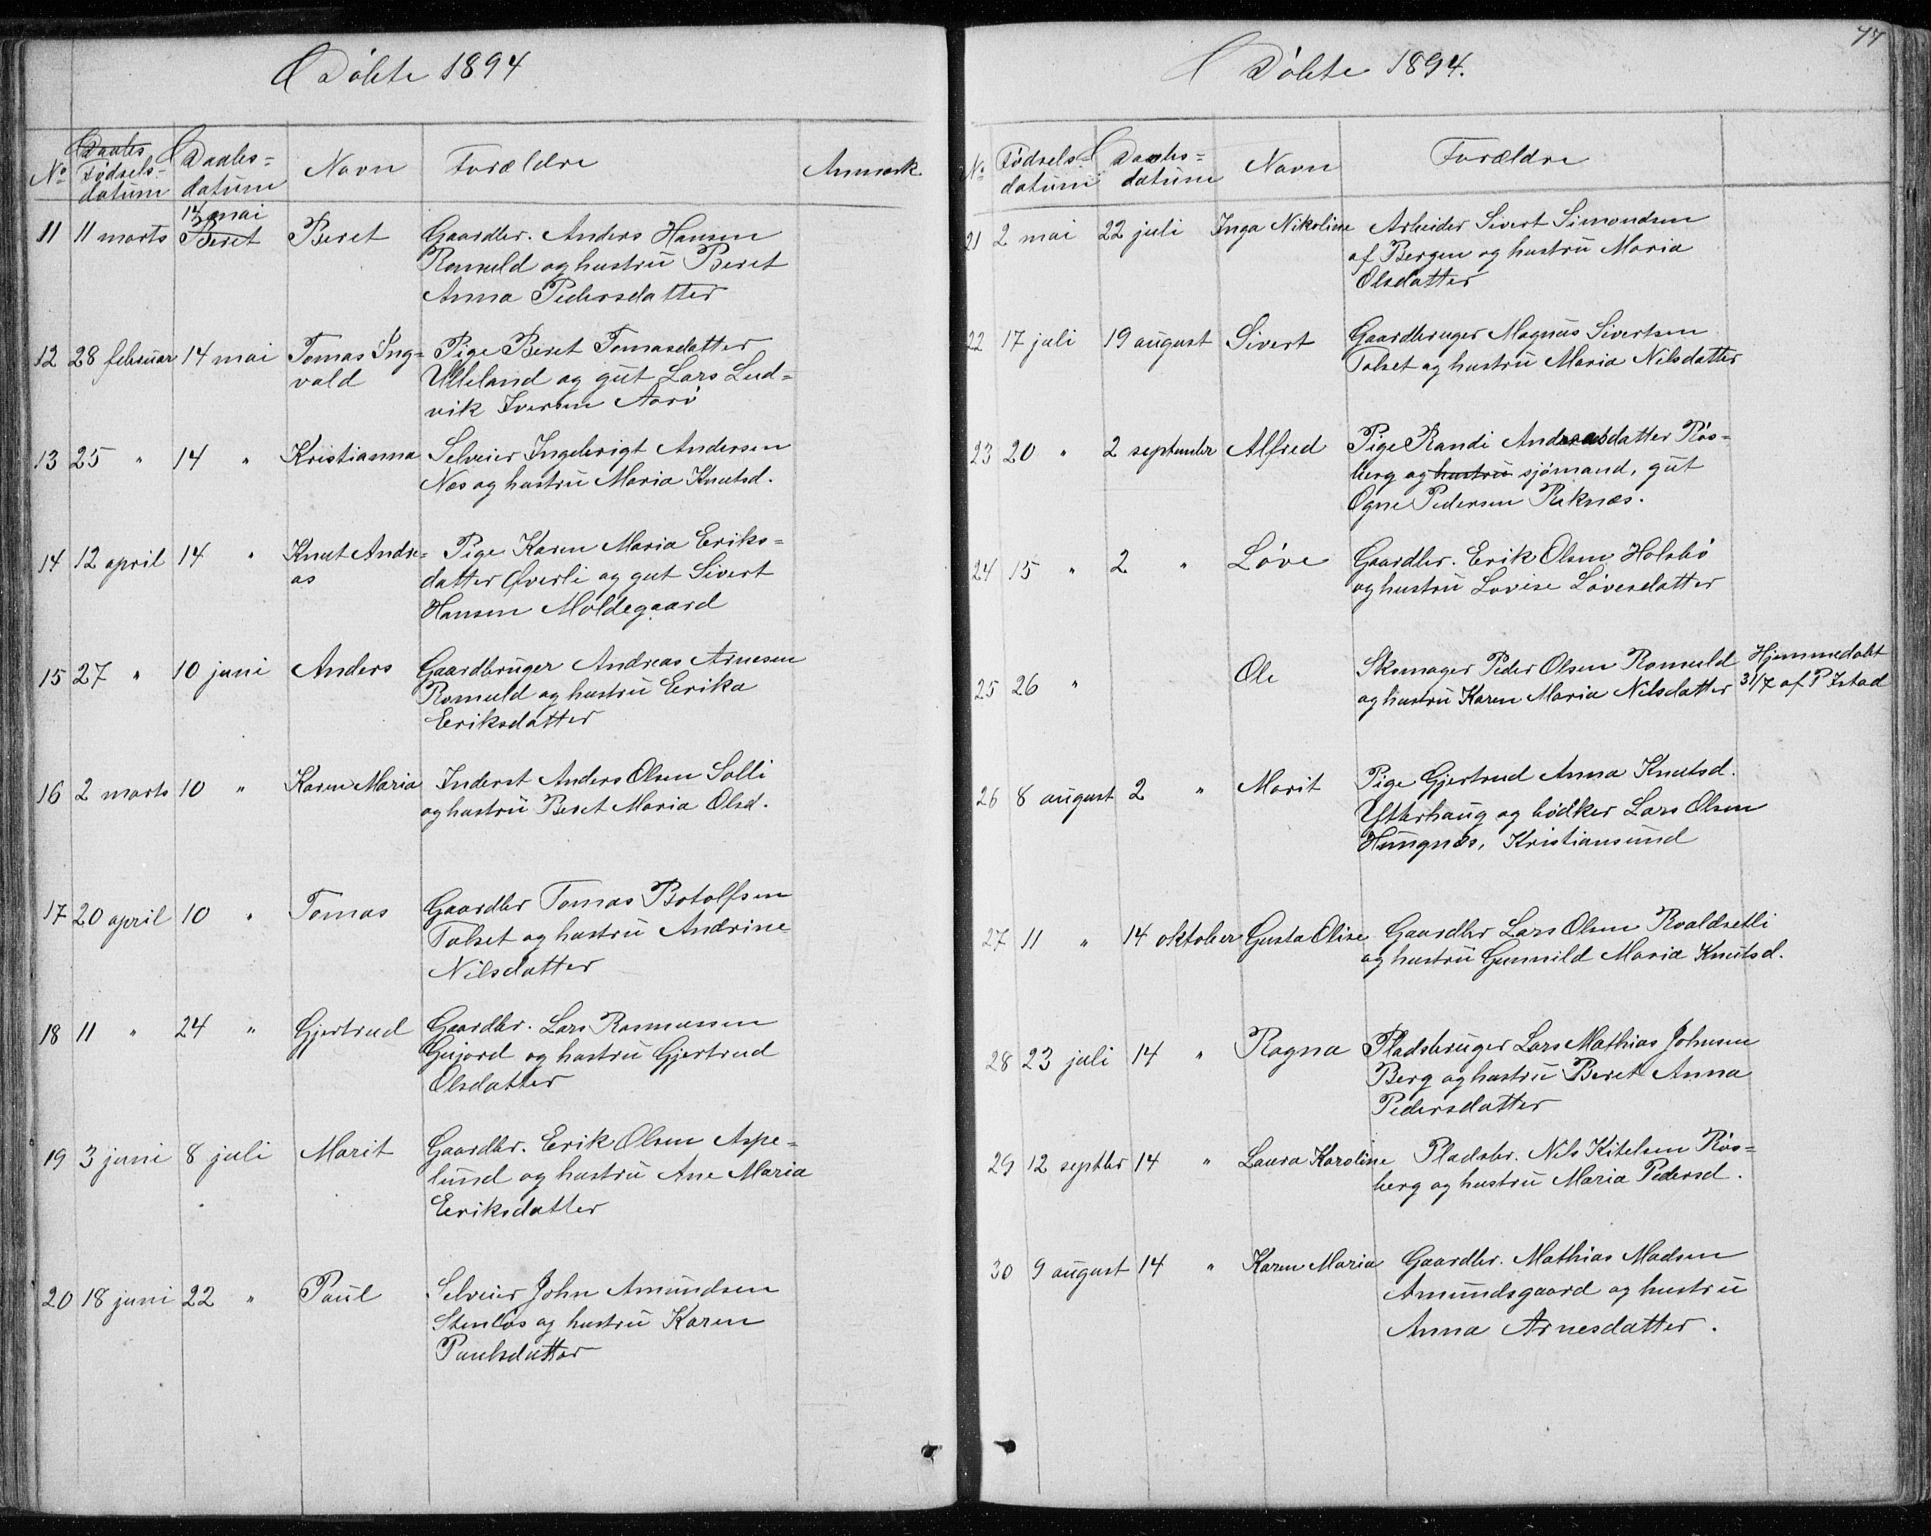 SAT, Ministerialprotokoller, klokkerbøker og fødselsregistre - Møre og Romsdal, 557/L0684: Klokkerbok nr. 557C02, 1863-1944, s. 77